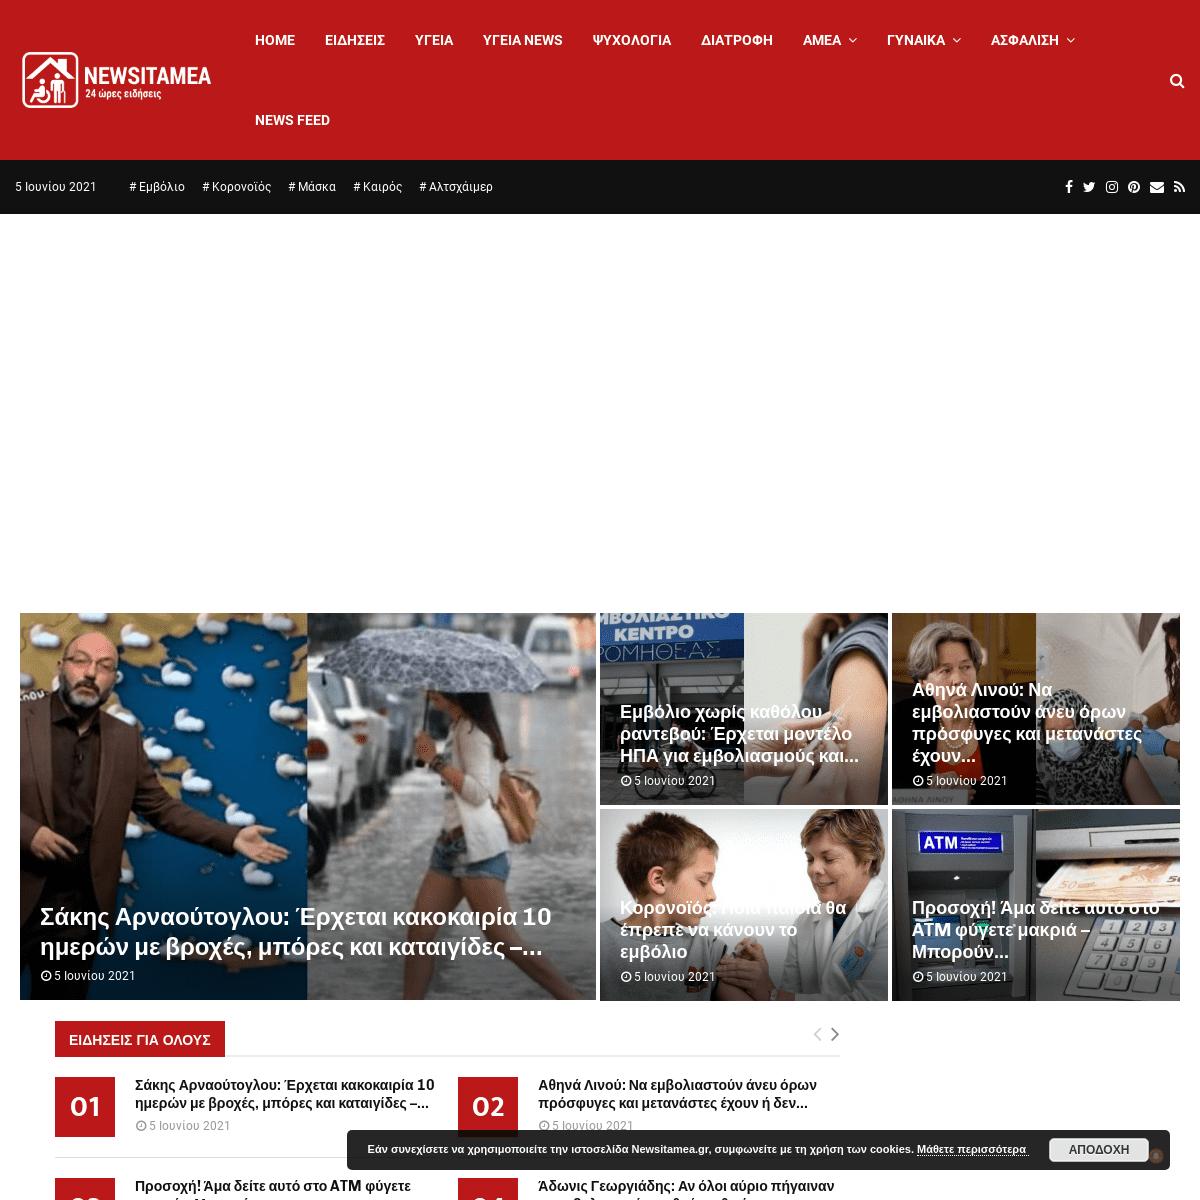 Ειδήσεις και νέα από την Ελλάδα και τον Κόσμο - Newsitamea.gr